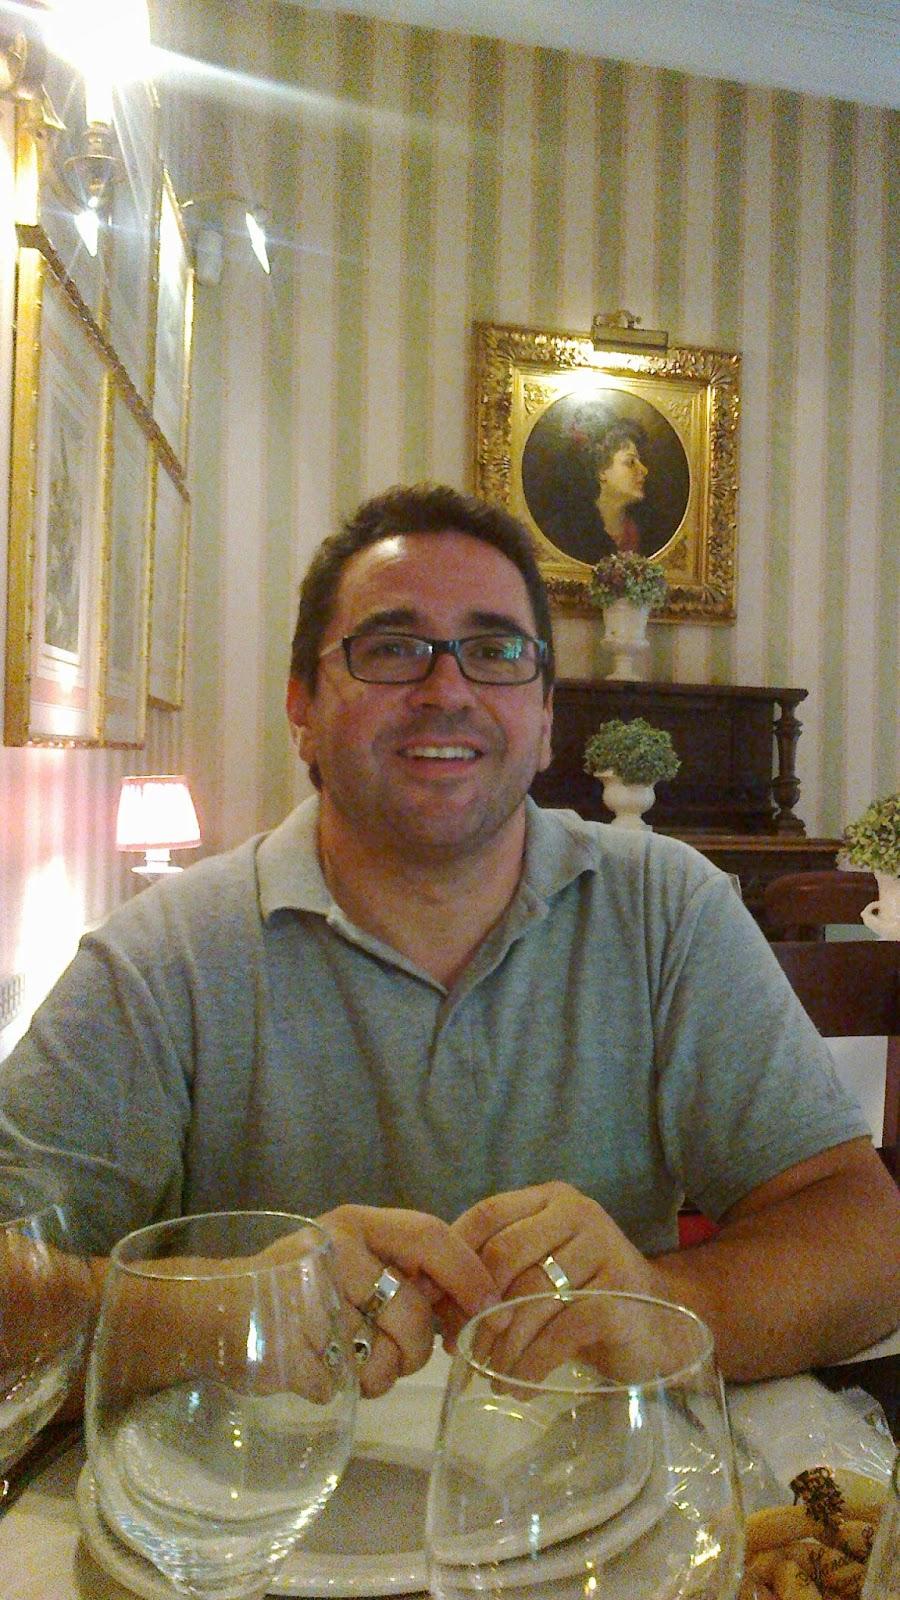 Casa manolo le n un restaurante recomendable en sevilla un bloguero de viaje mi experiencia - Casa manolo leon sevilla ...